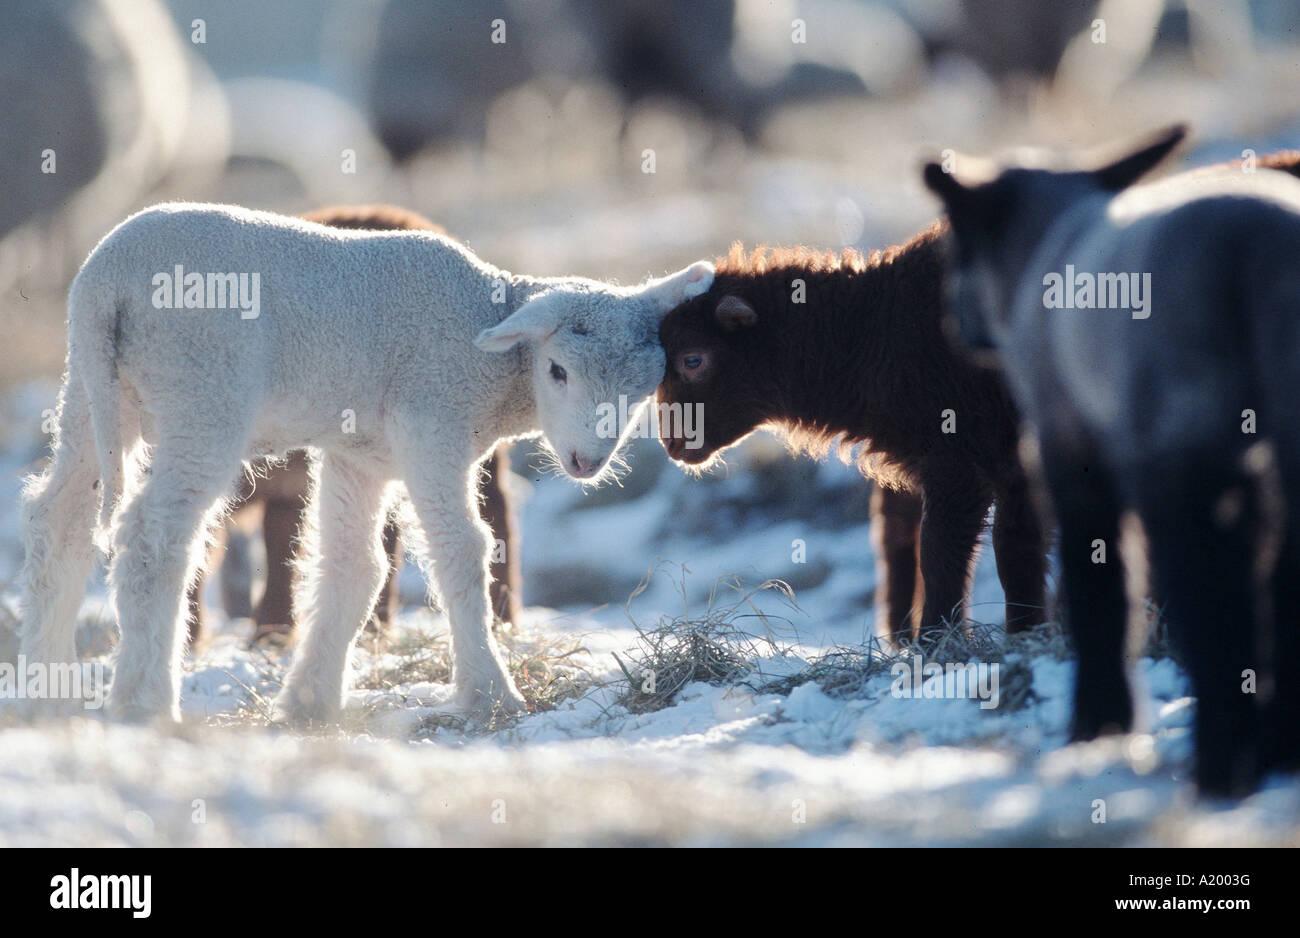 Fuchsschafe Mittelgebirgsrasse spielende Lämmchen - Stock Image